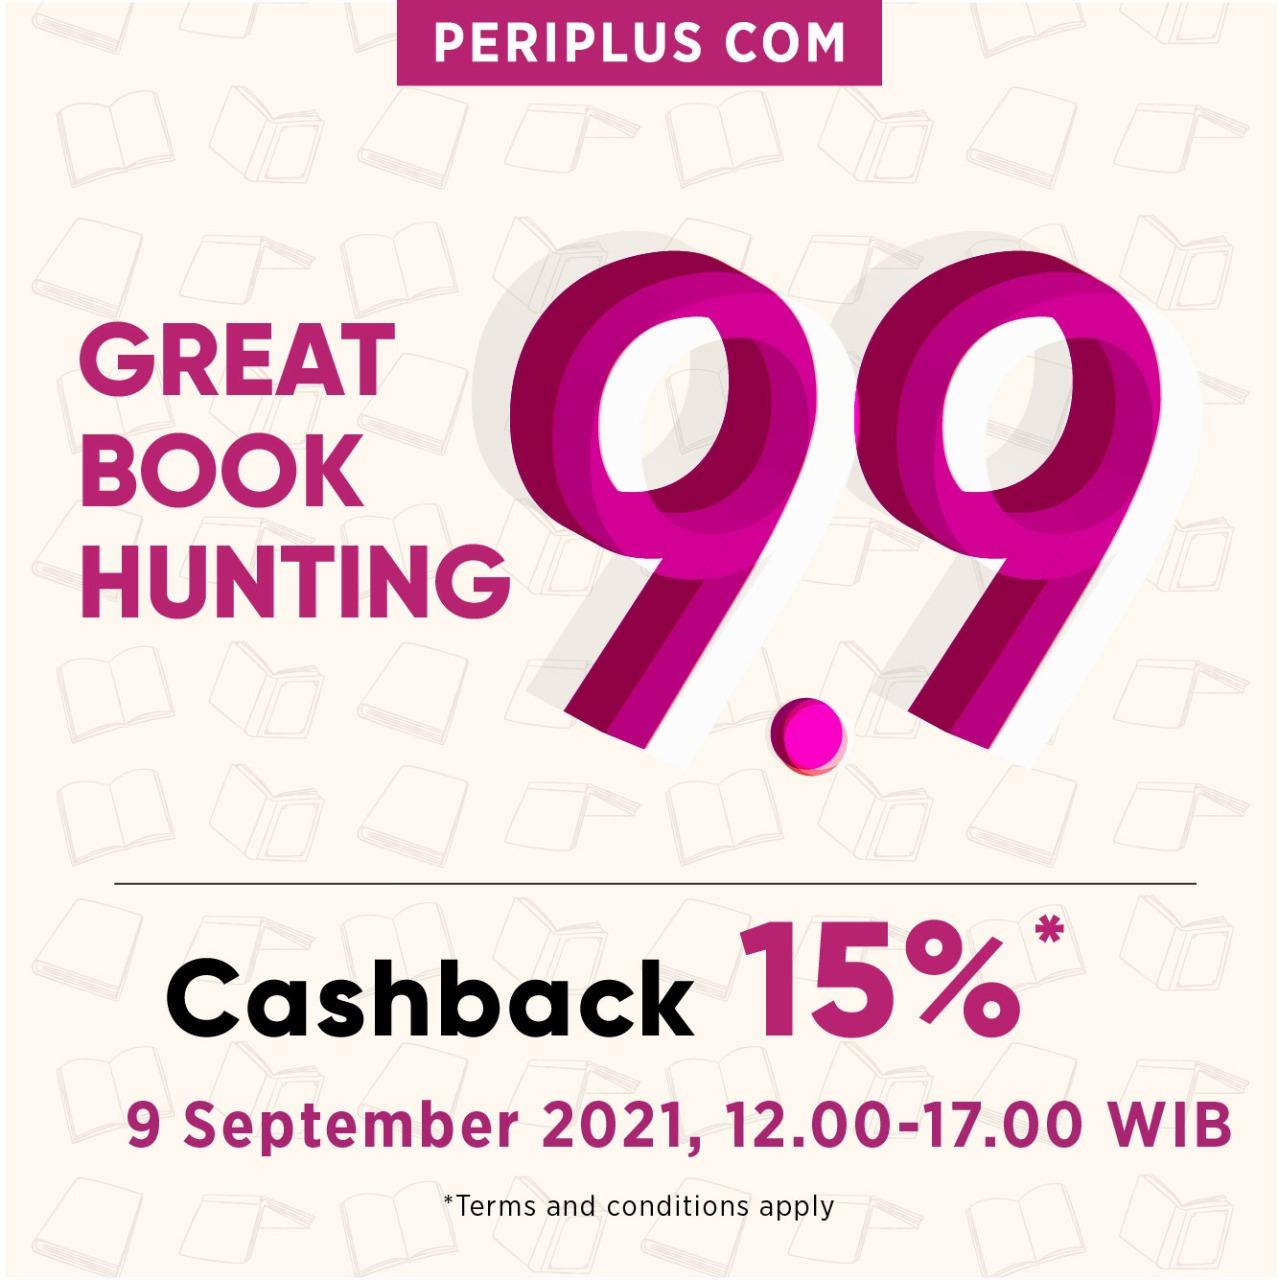 Promo Periplus Great Book Hunting 9.9! Dapatkan Cashback 15% berlaku hanya 1 hari, tanggal 09 September 2021 mulai pk. 12.00-17.00 WIB